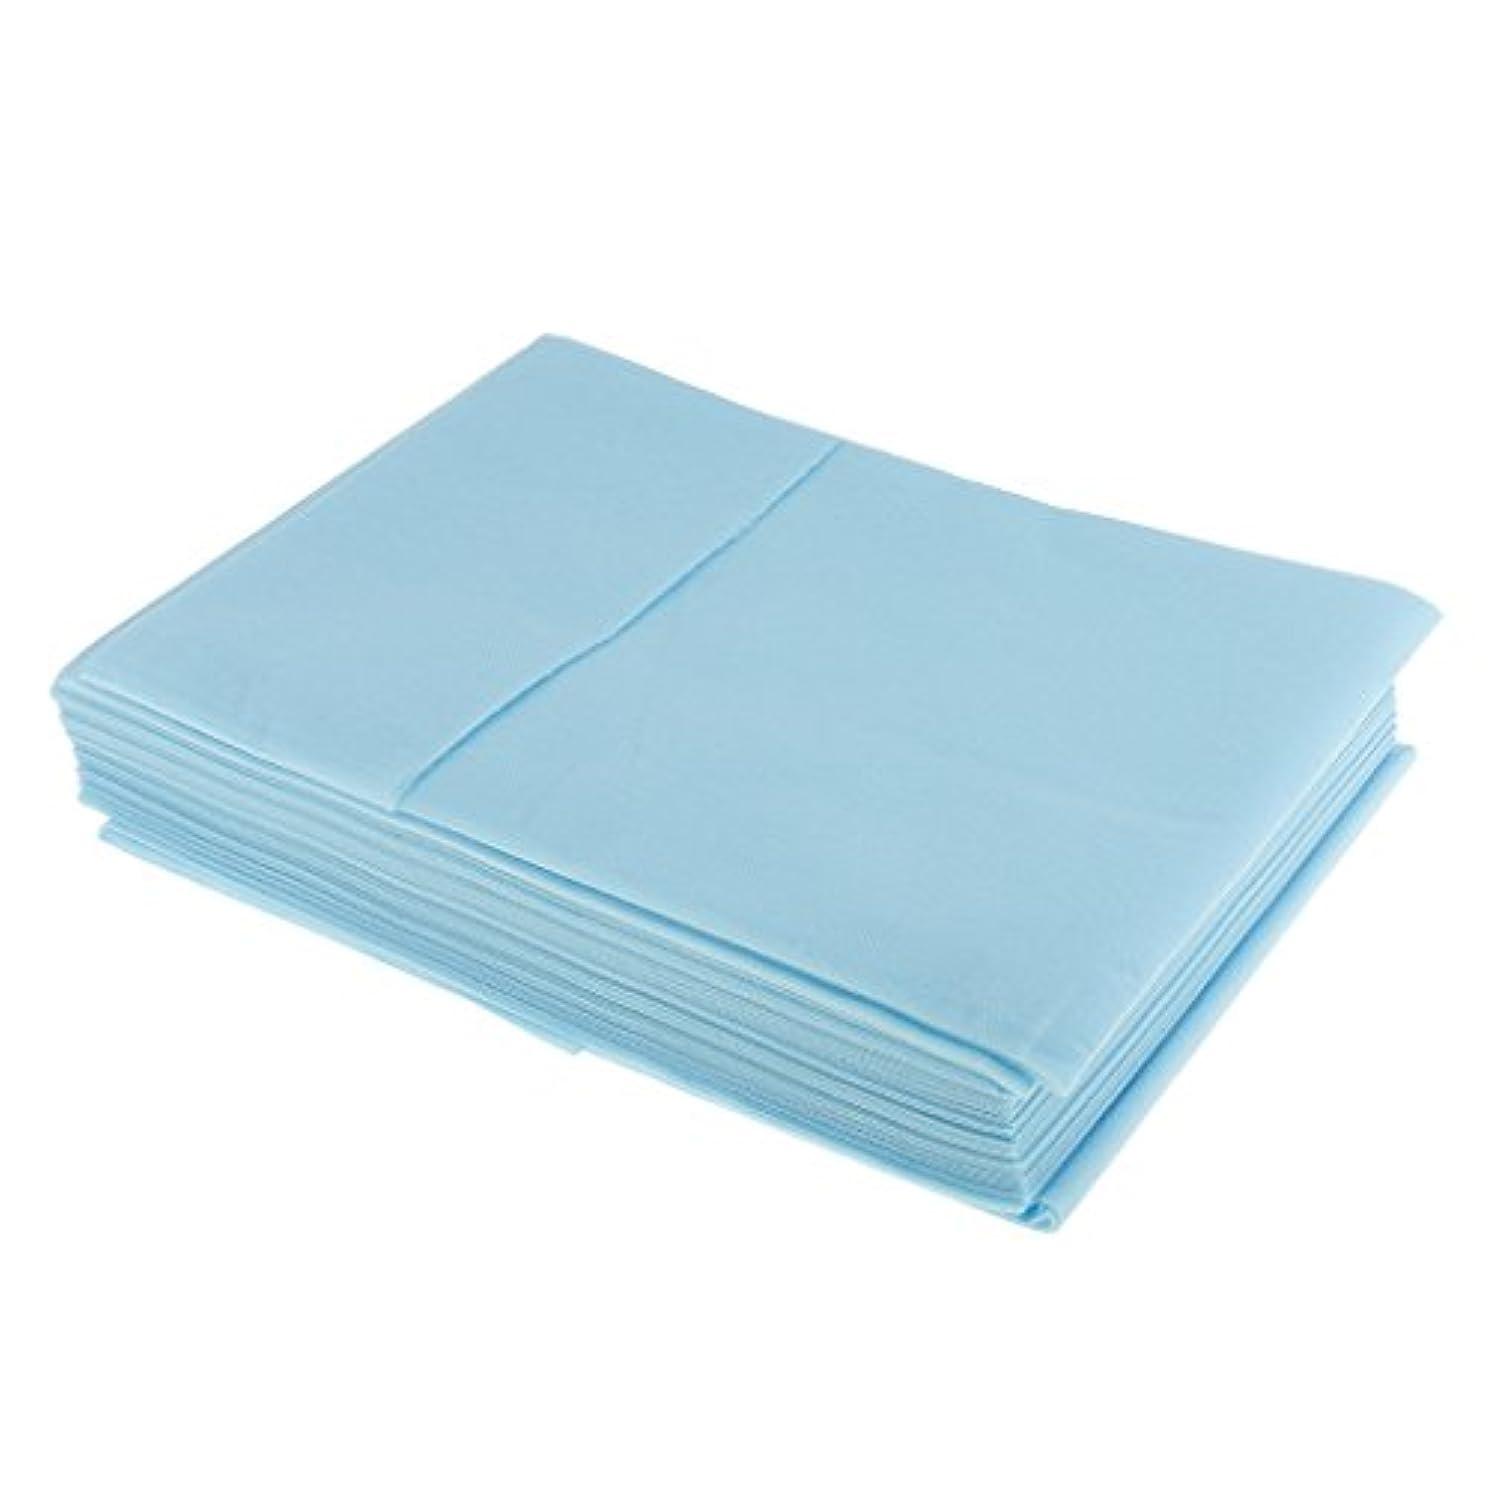 SONONIA 使い捨て 美容室/マッサージ/サロン/ホテル ベッドパッド 無織PP 衛生シート 10枚 全3色選べ - 青